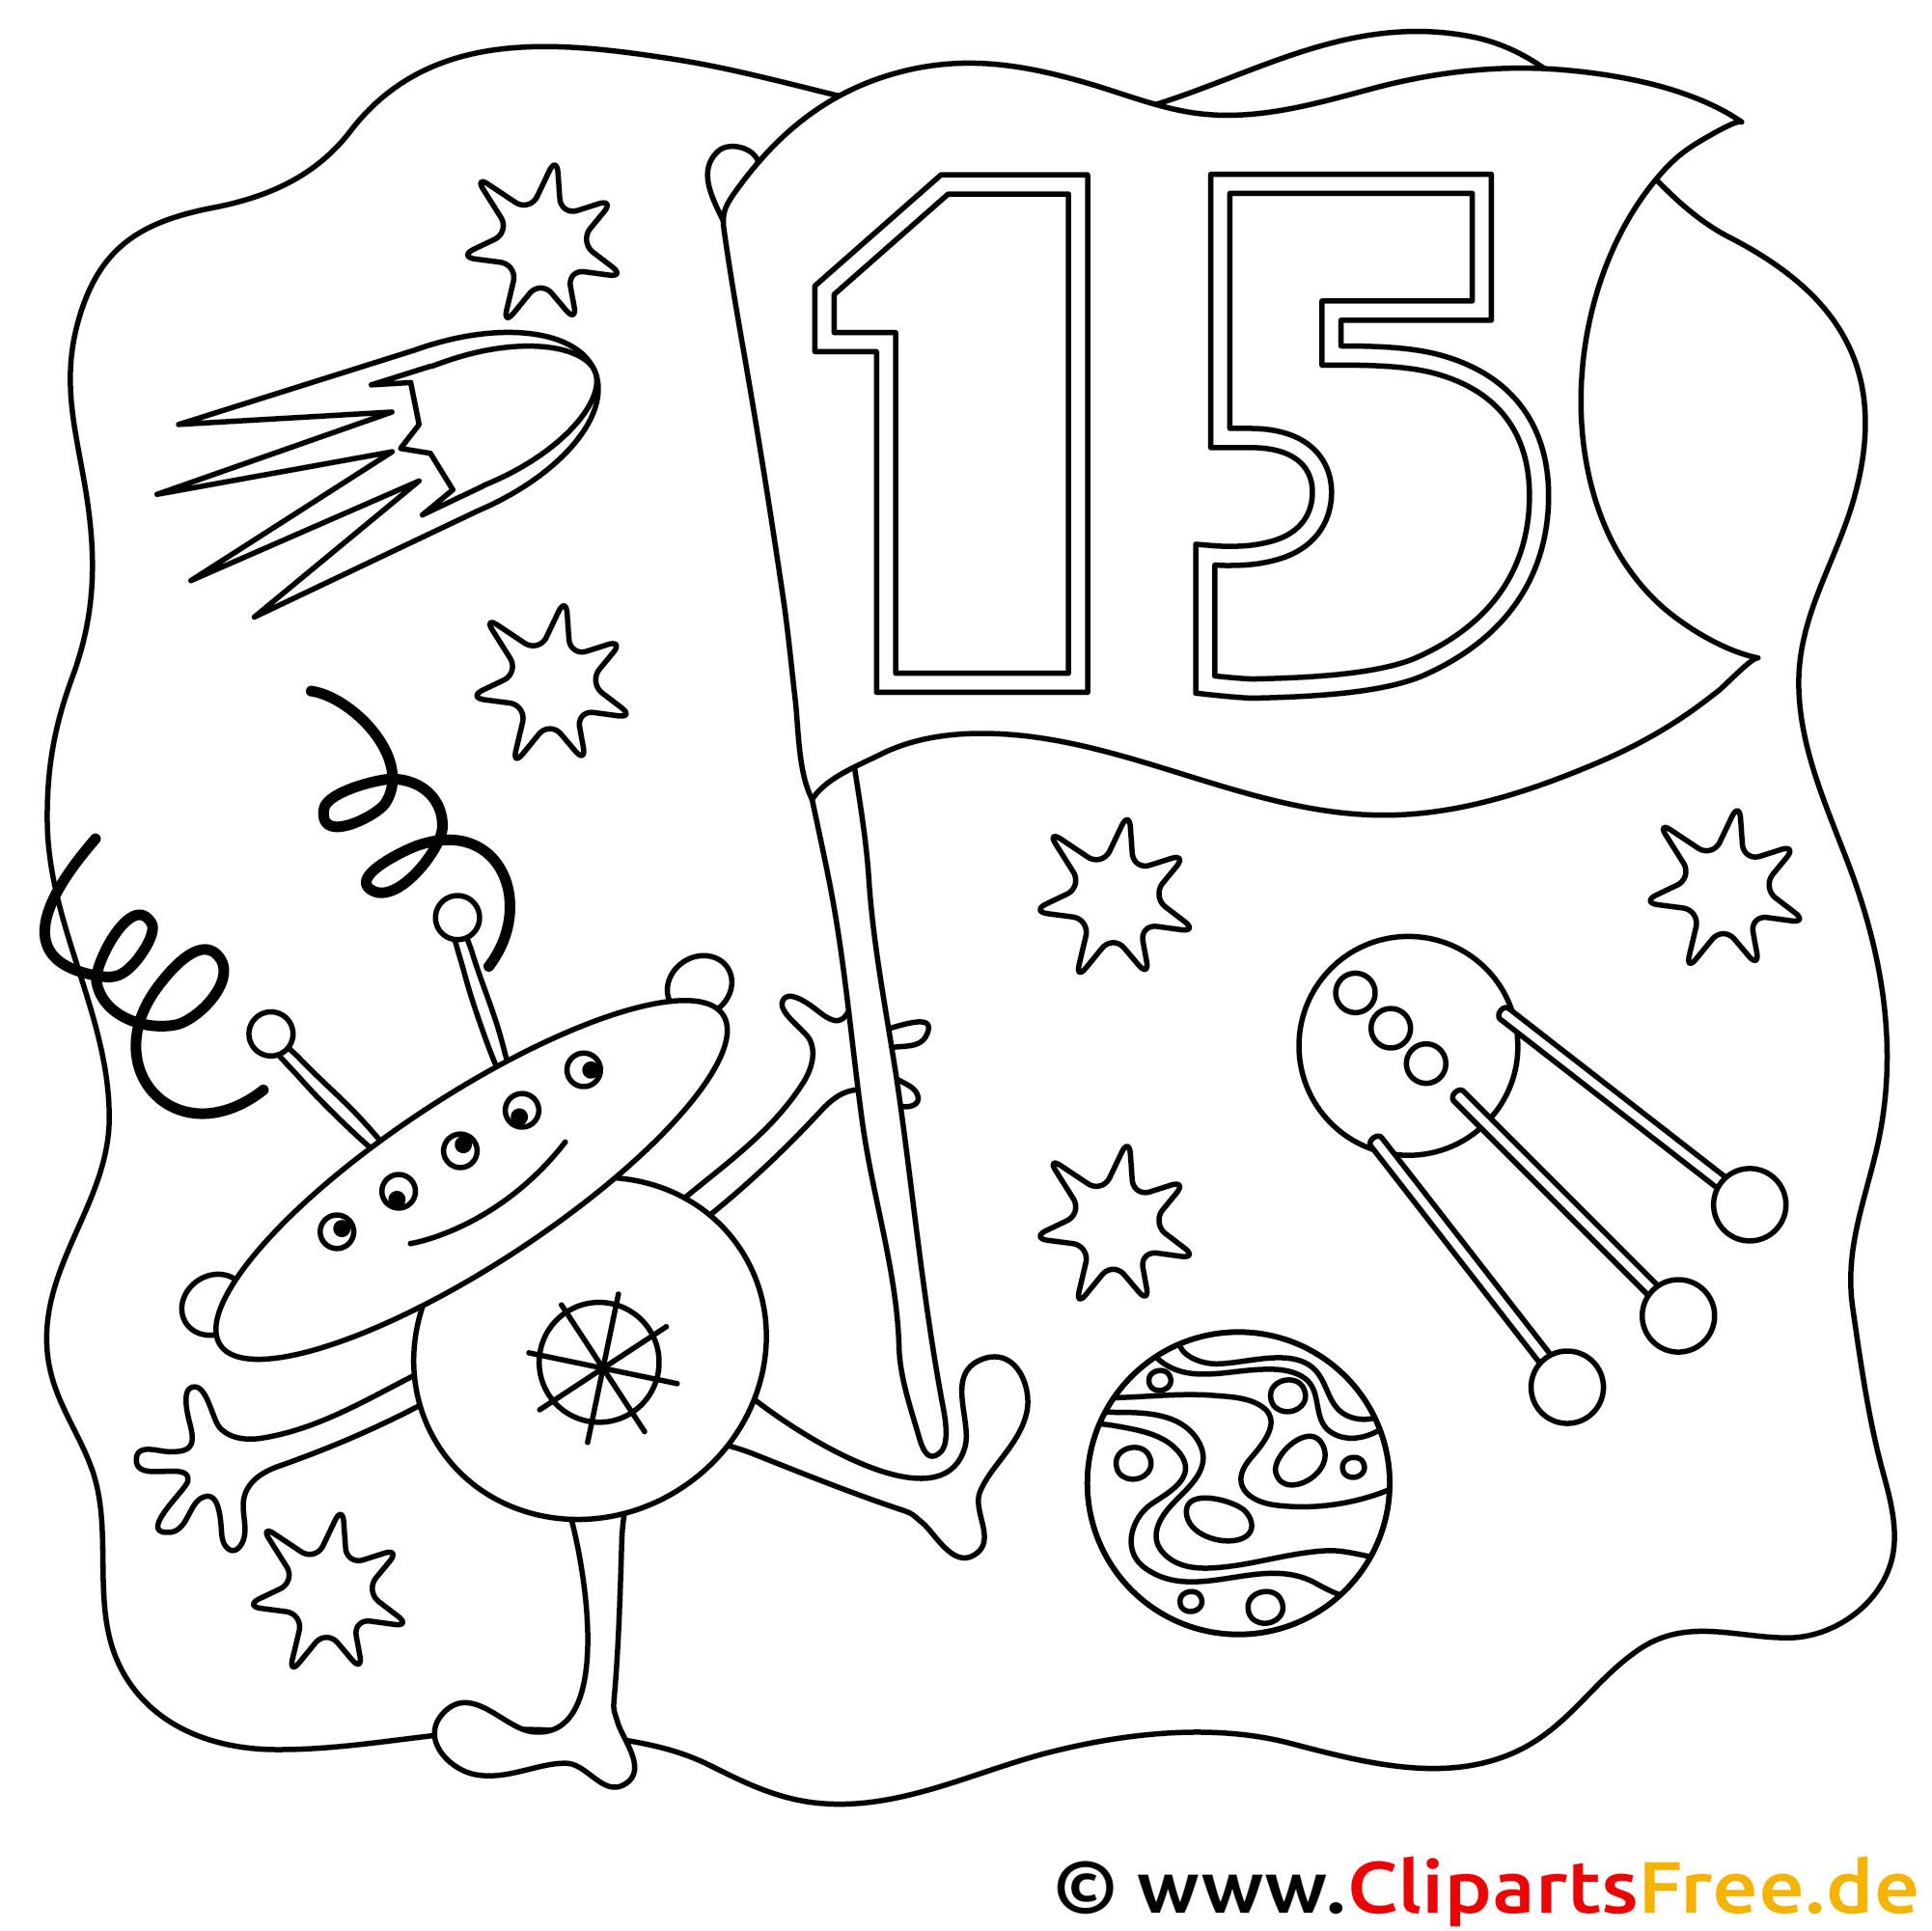 Ufo Malvorlage - Malvorlagen PDF für Kindergartenkinder